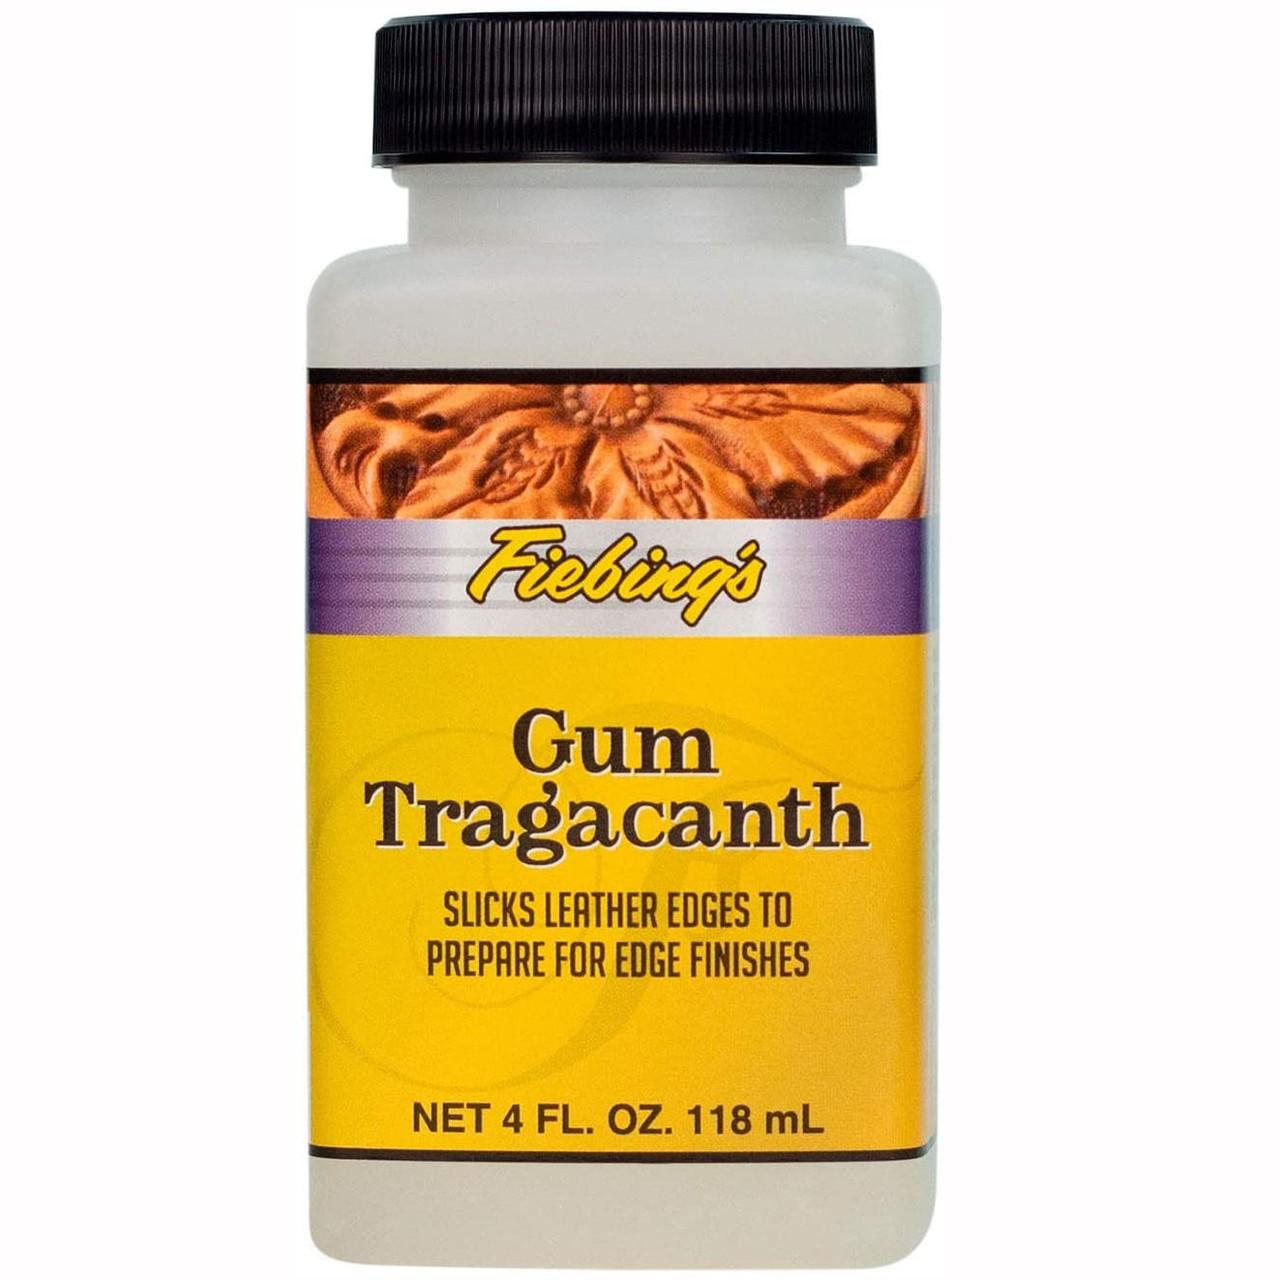 Gum Tragacanth 4 oz. Edge Prep Front